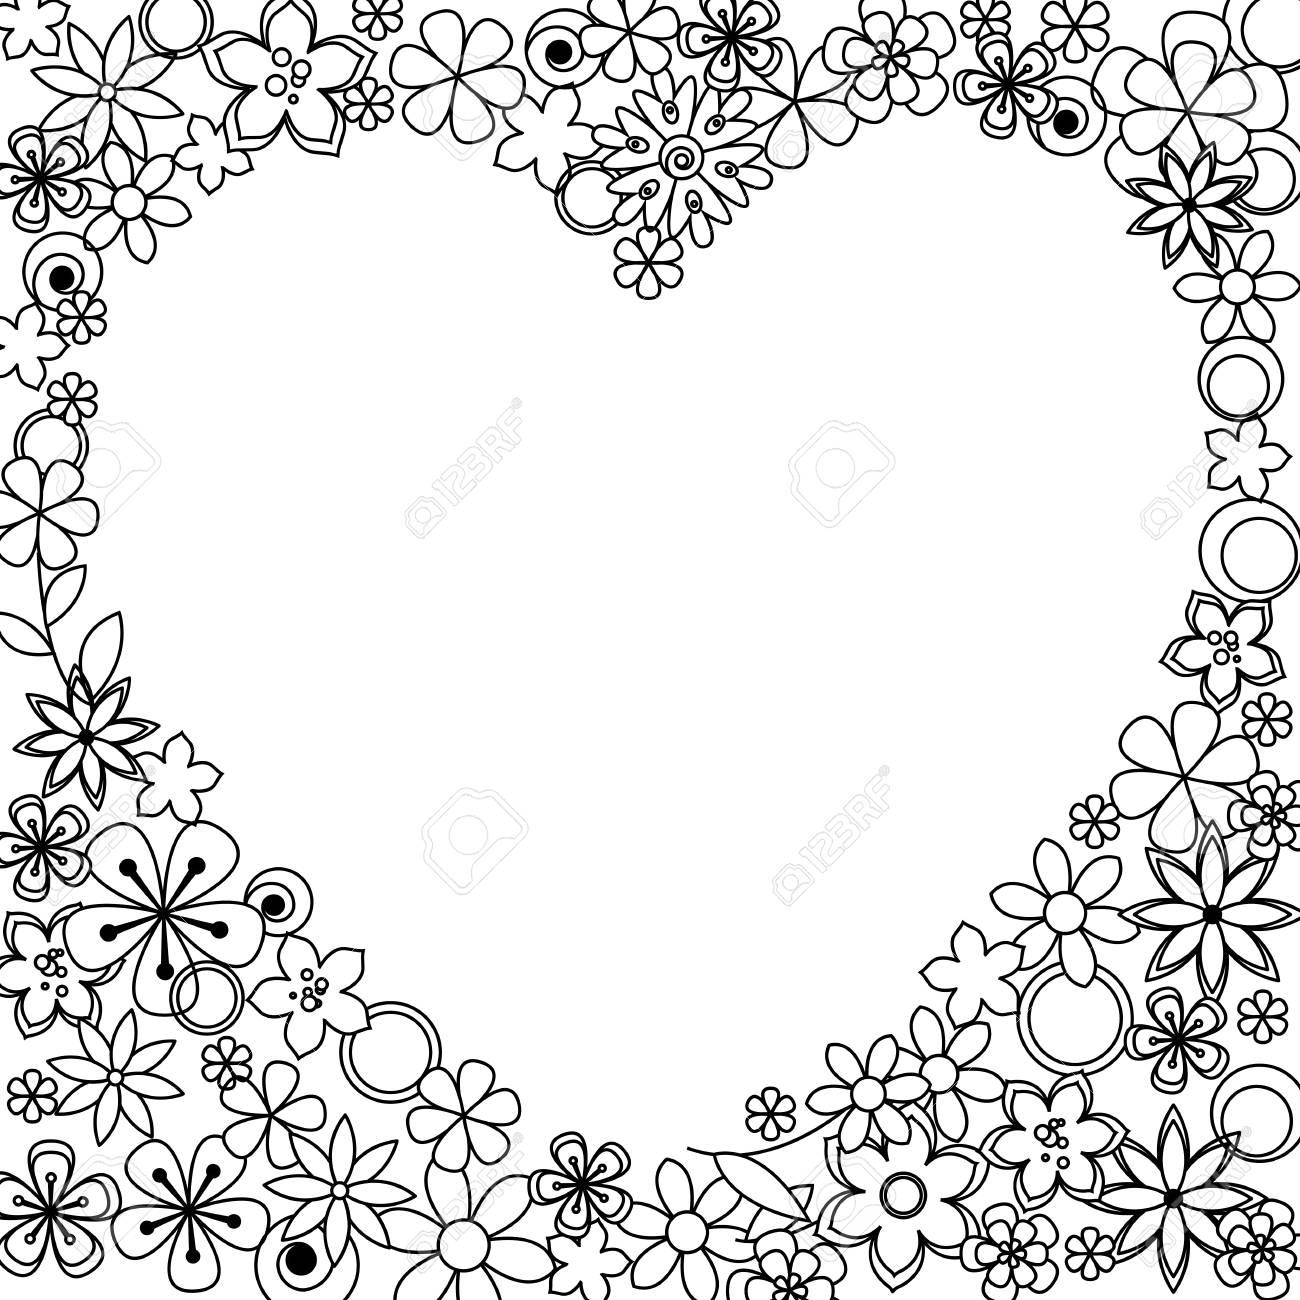 Coloriage Cadre Fleur.Vecteur Decoratif Cadre En Noir Une Fleurs Blanches Pour Les Pages